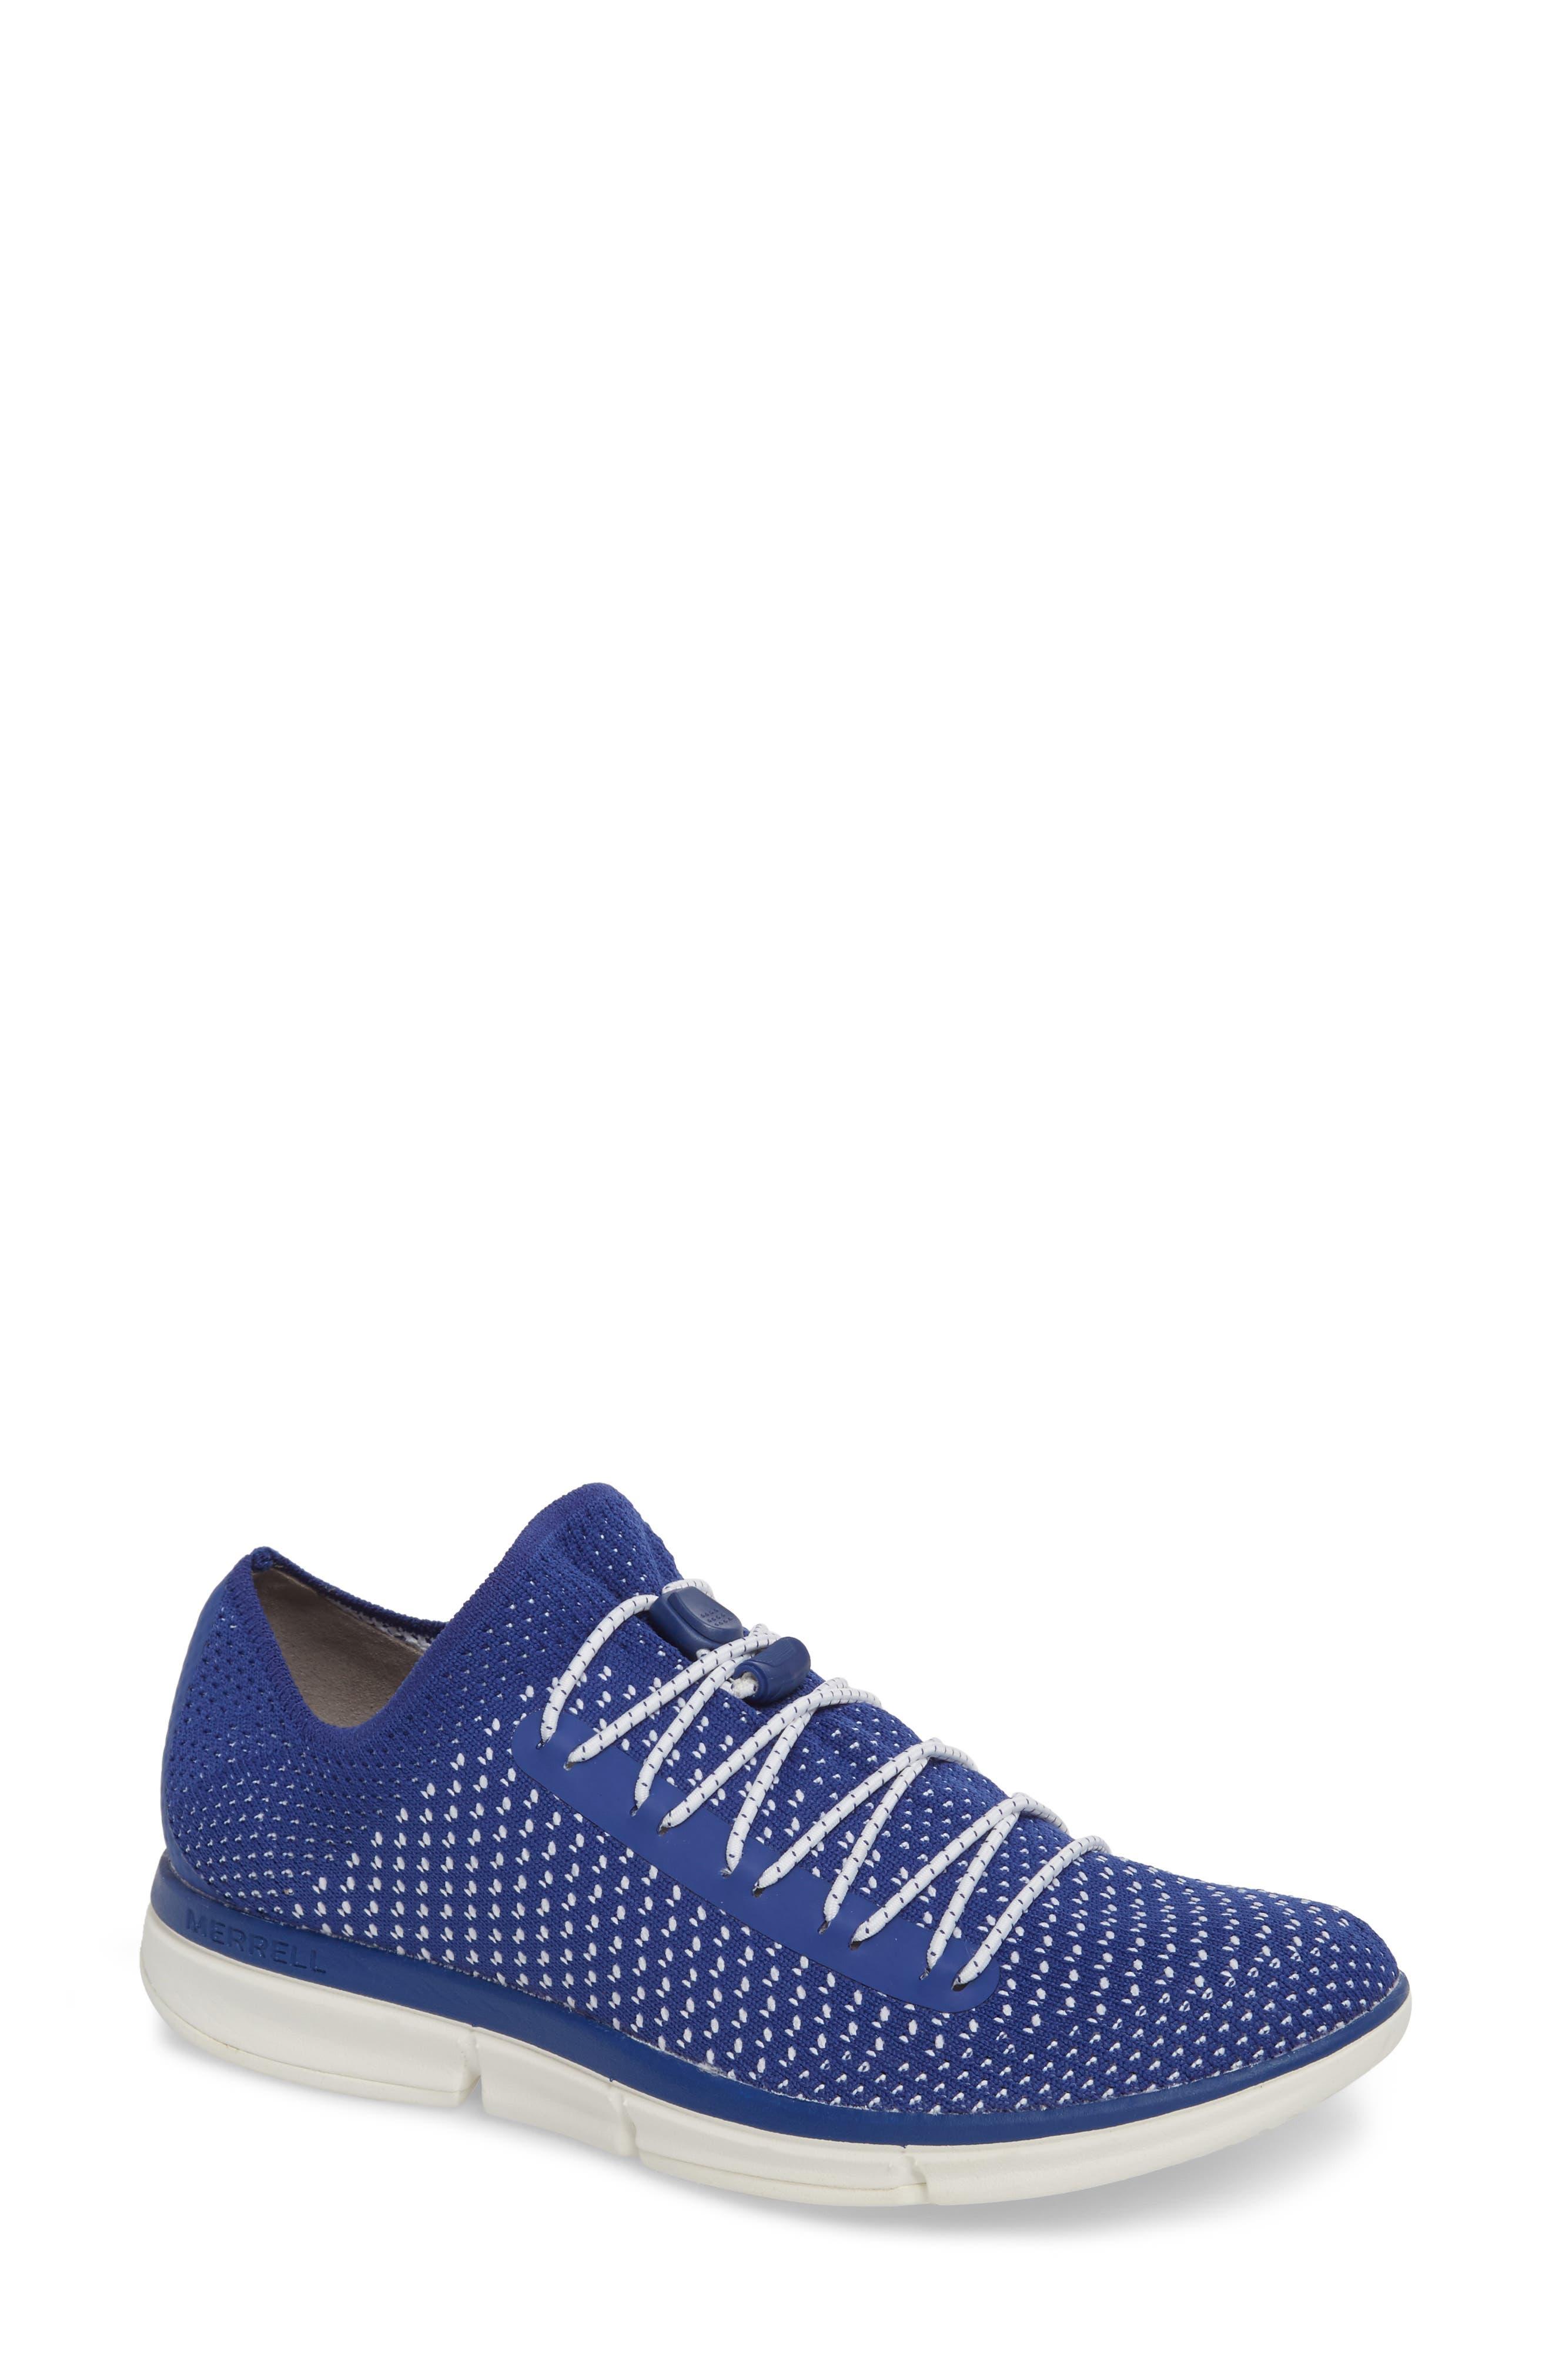 Merrell Zoe Sojourn Lace Knit Sneaker (Women)